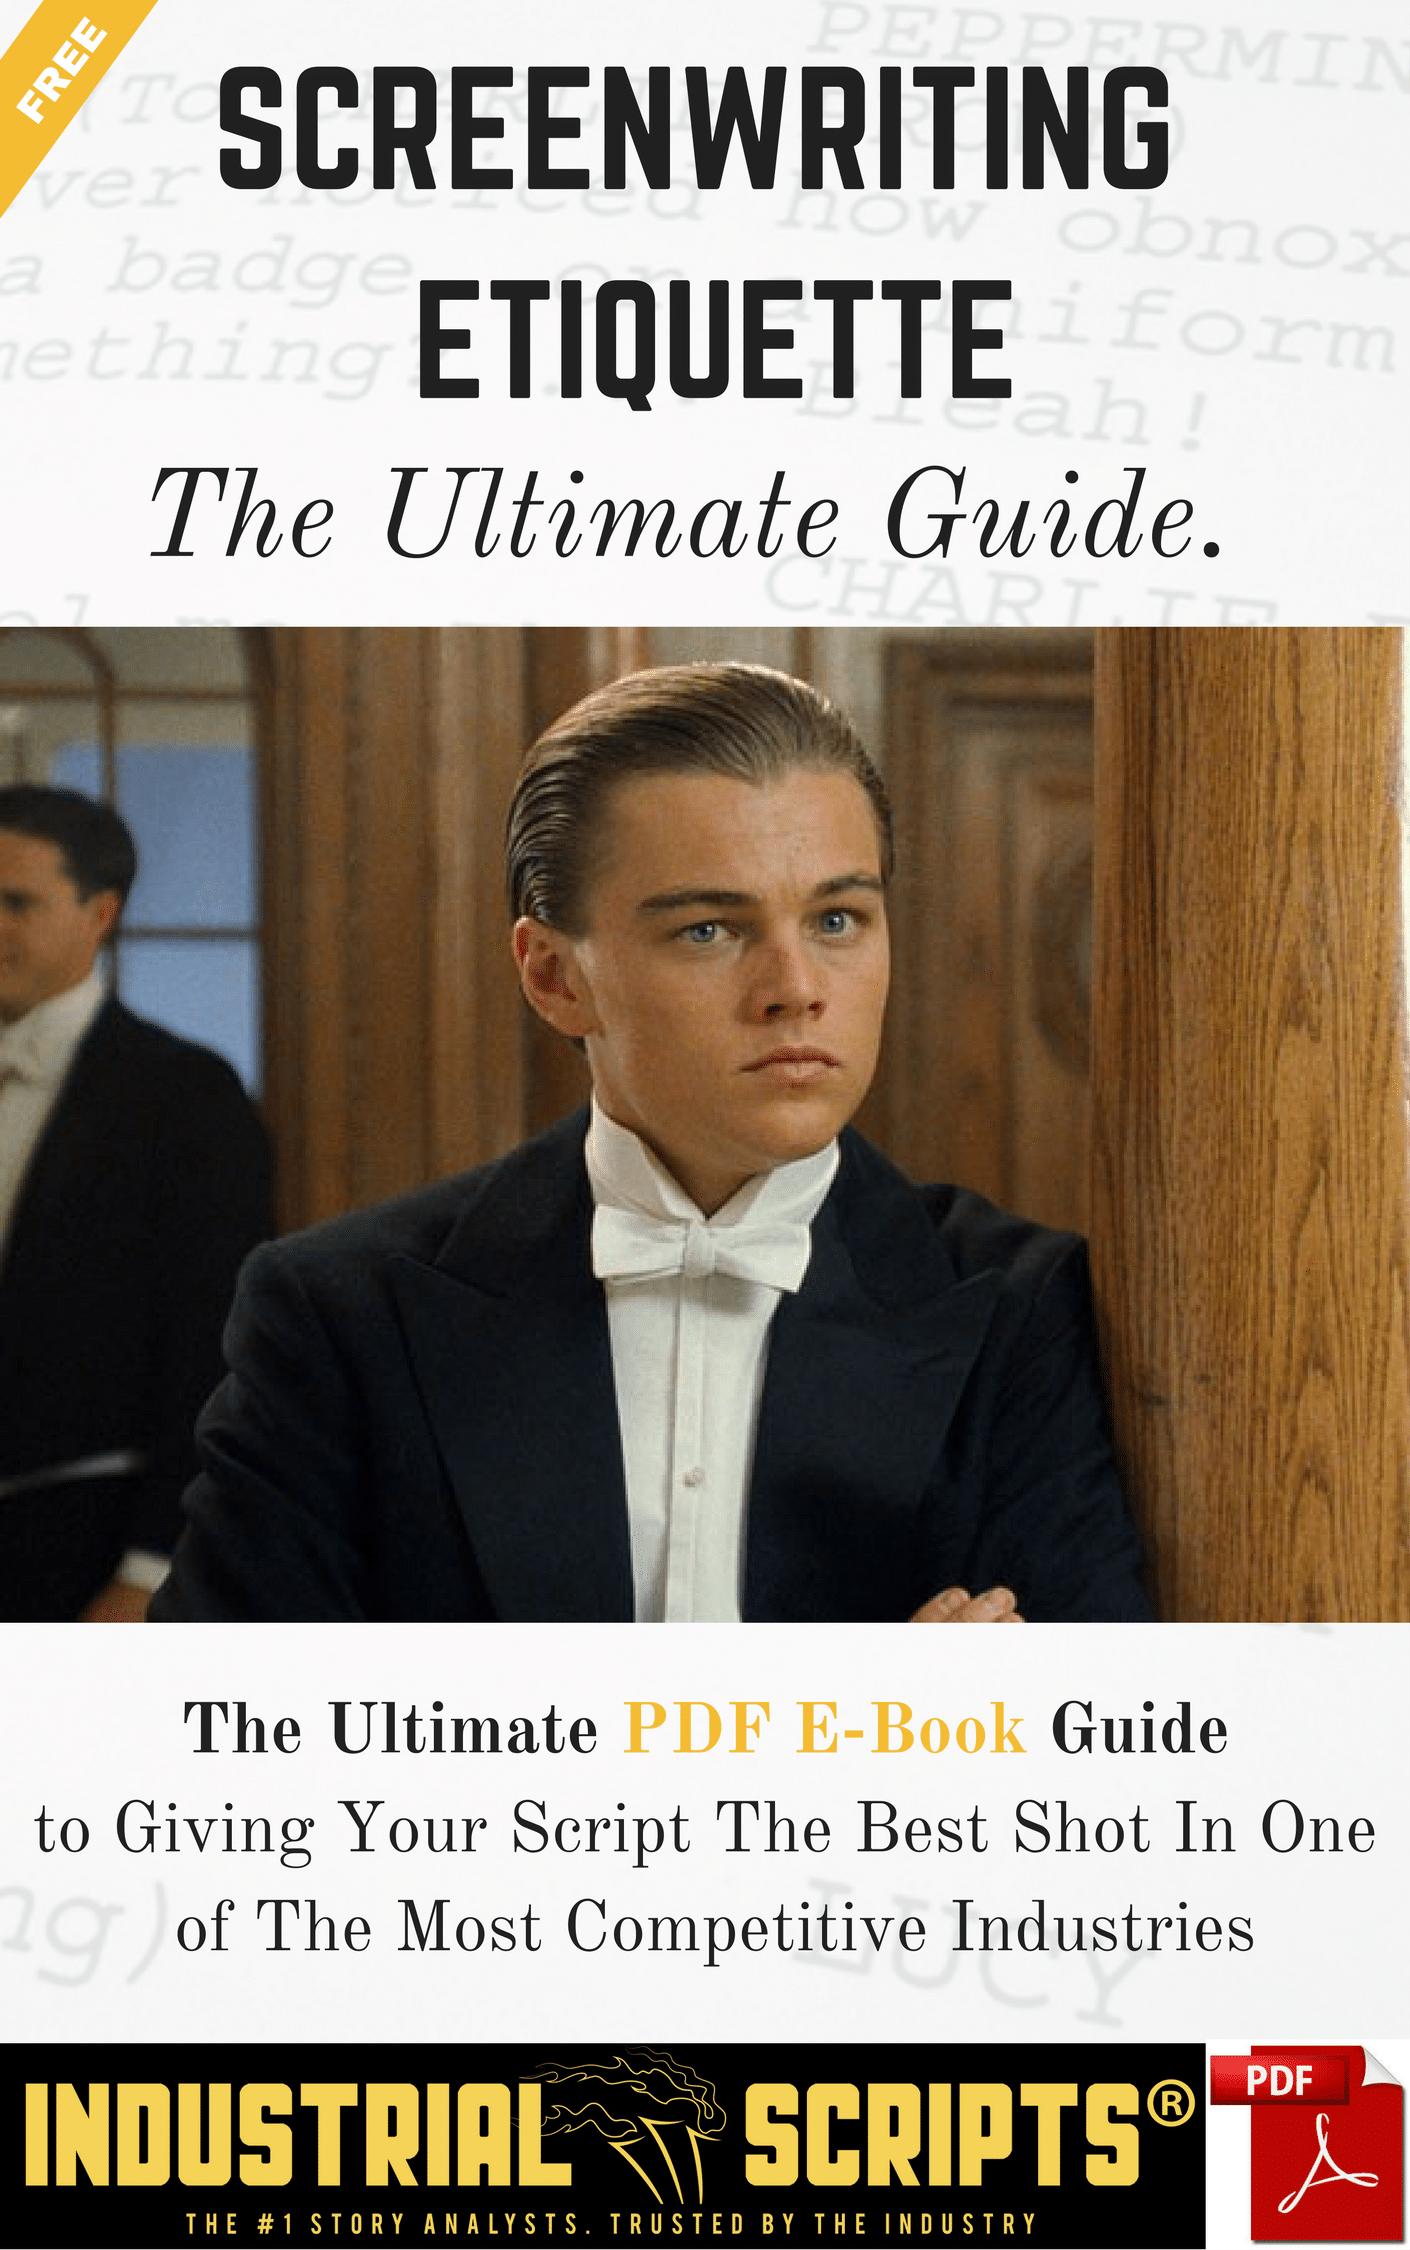 screenwriting etiquette